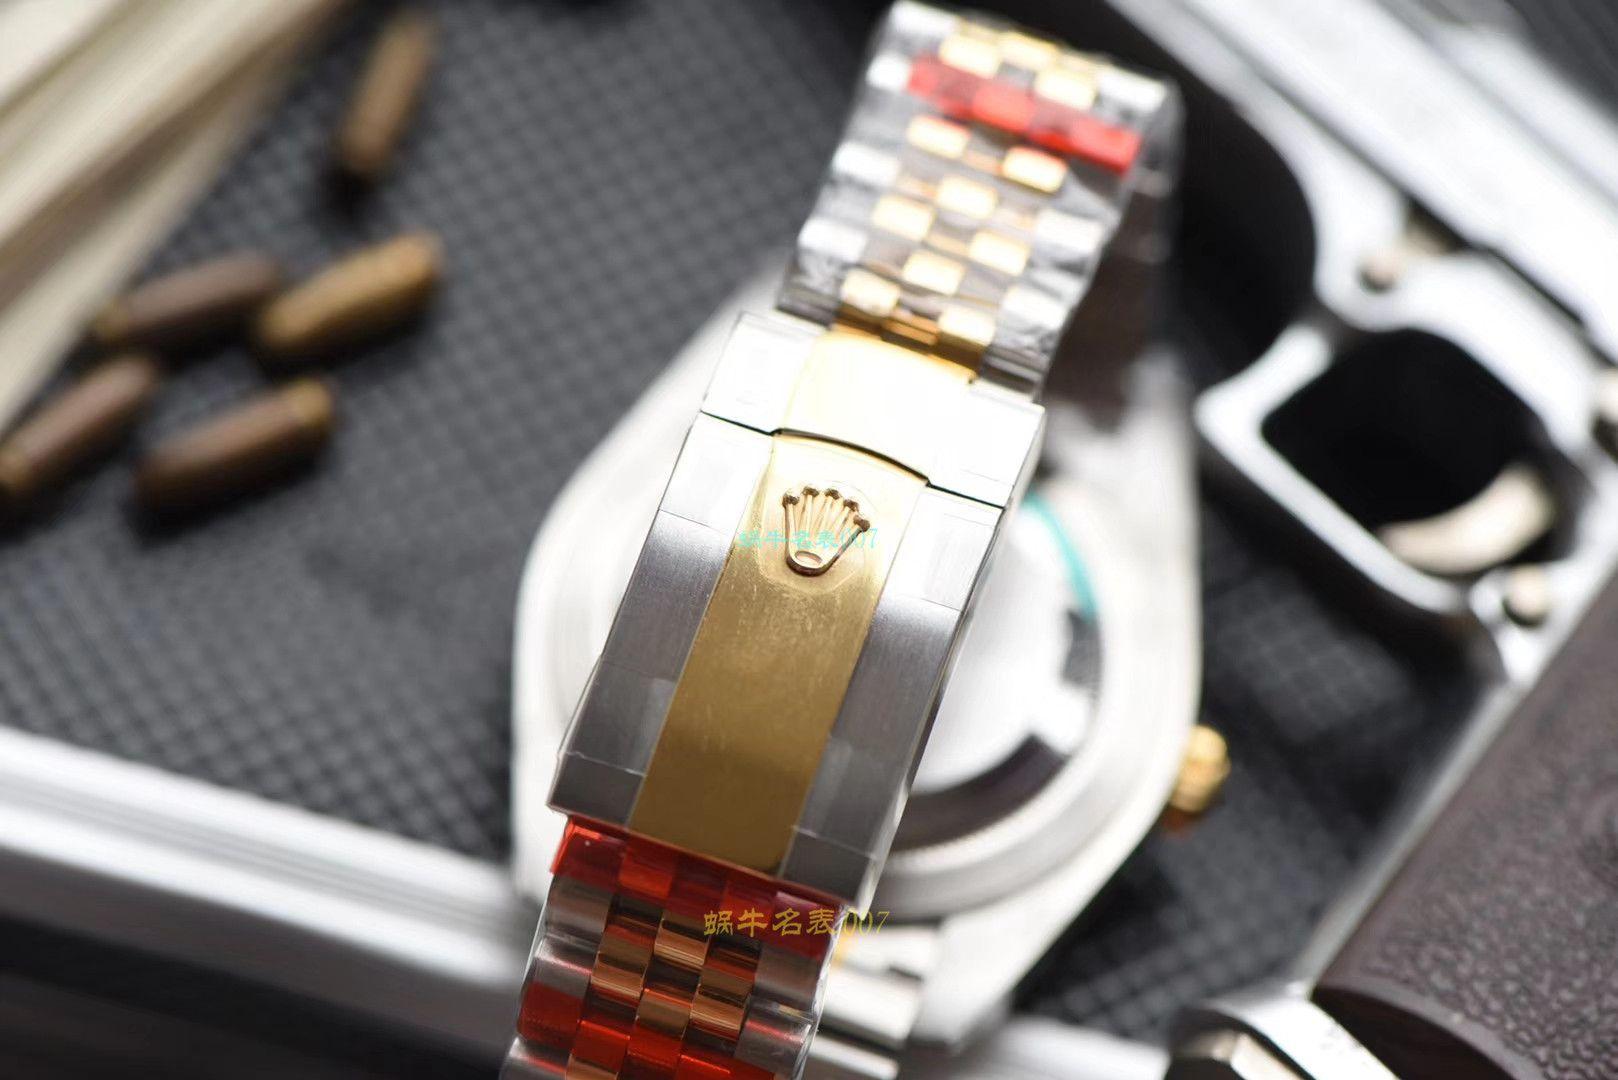 【仿劳力士机械表男表价格】视频评测DJ厂劳力士日志型系列m126333-0016,m126333-0012,m126333-0010腕表 / R323